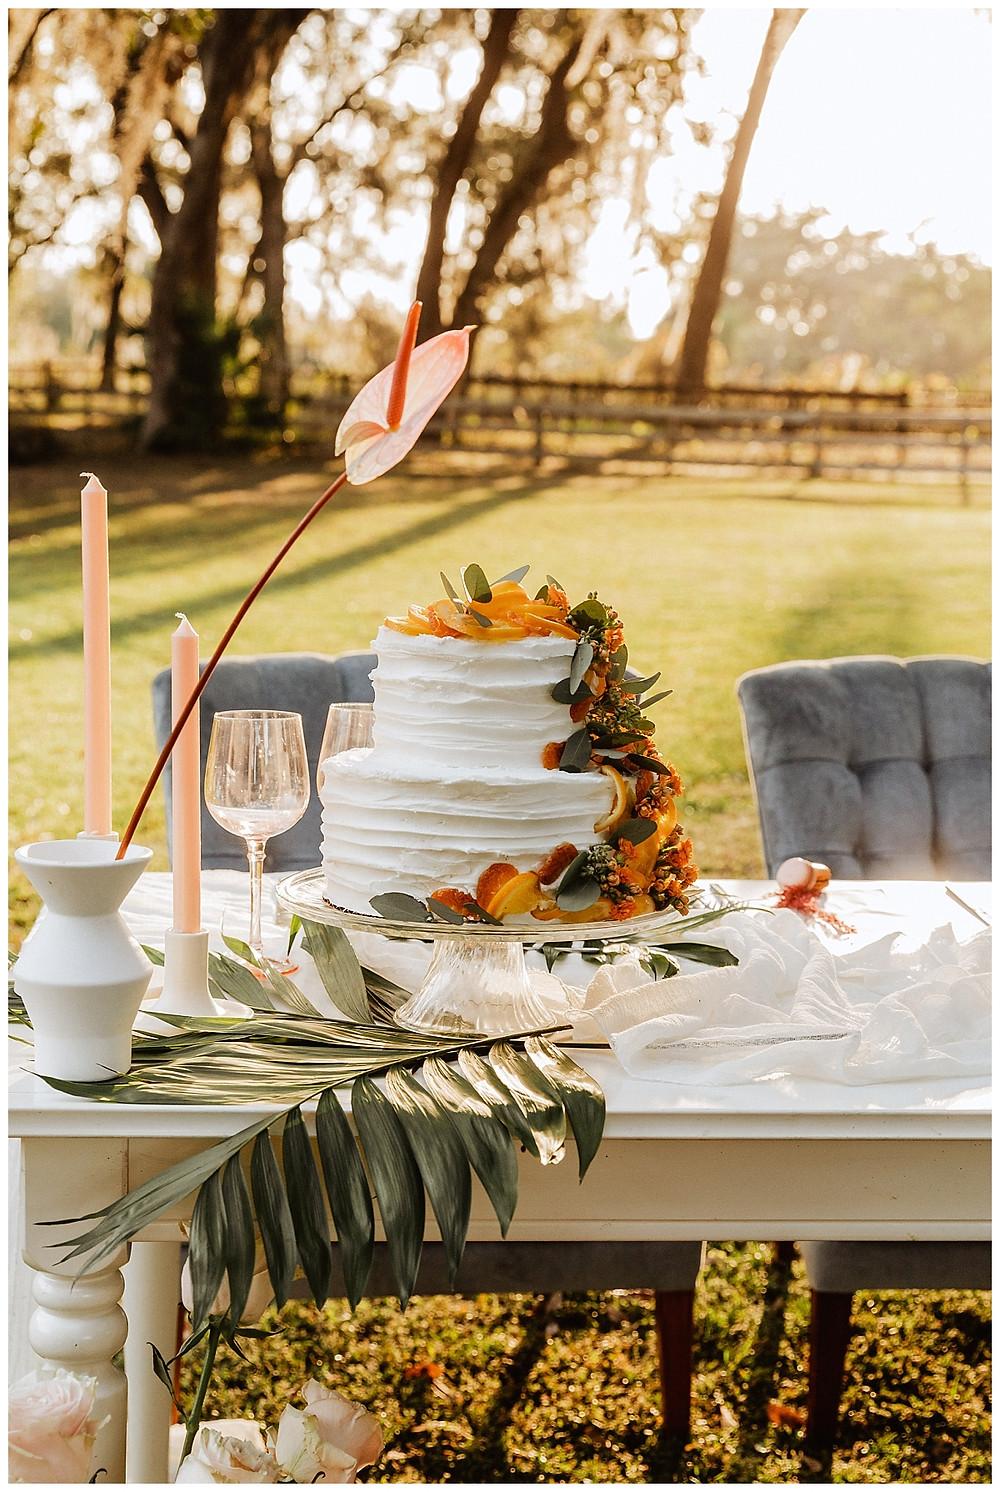 Citrus Tropical Wedding Cake